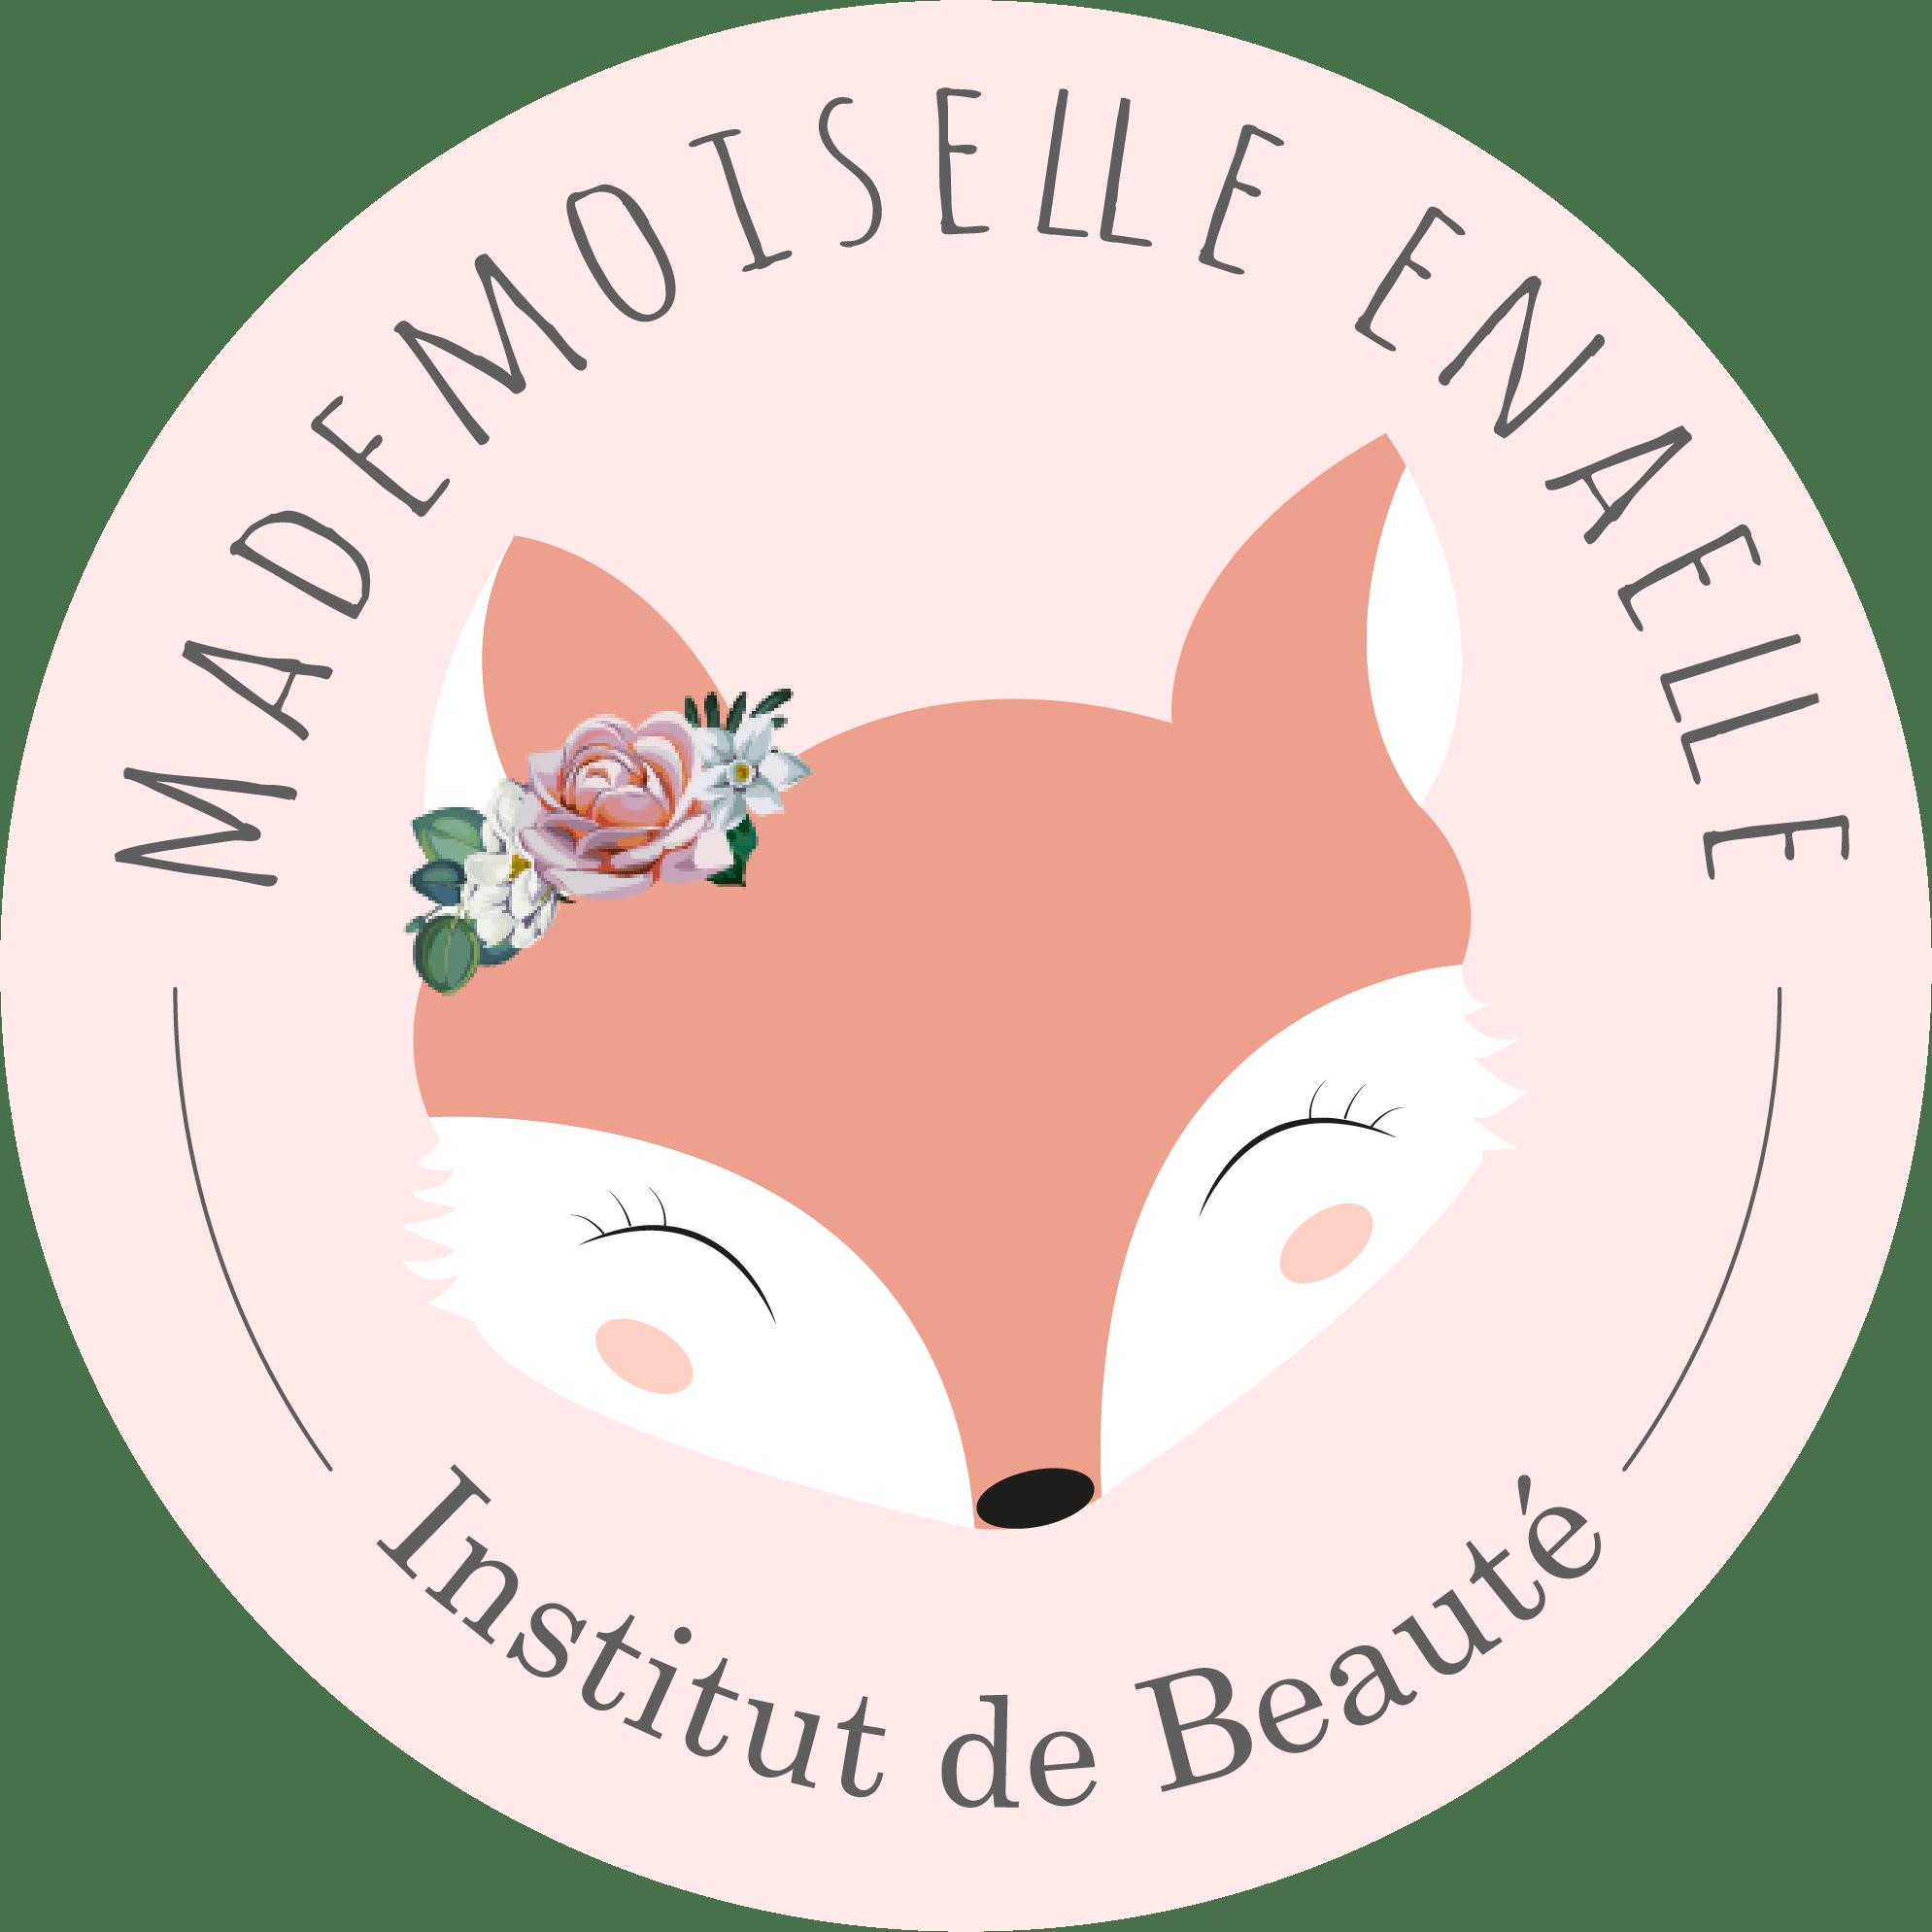 Mademoiselle Enaelle